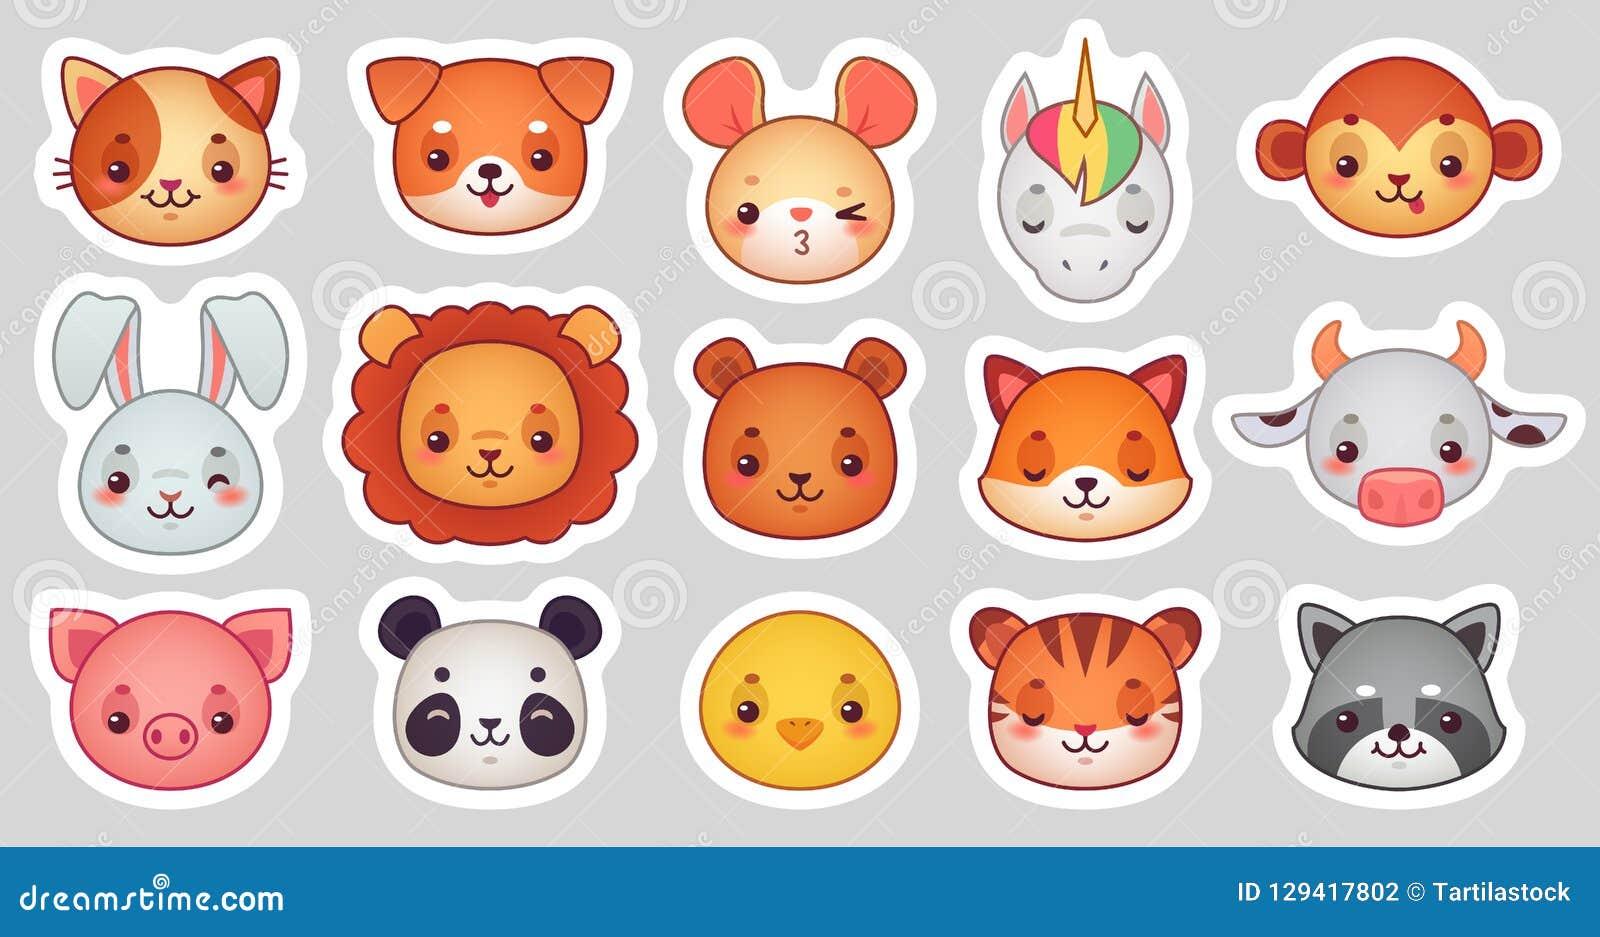 Zwierzę twarzy majchery Śliczne zwierzęce twarze, kawaii emoji śmieszny majcher lub avatar, Kreskówki ilustraci wektorowy set